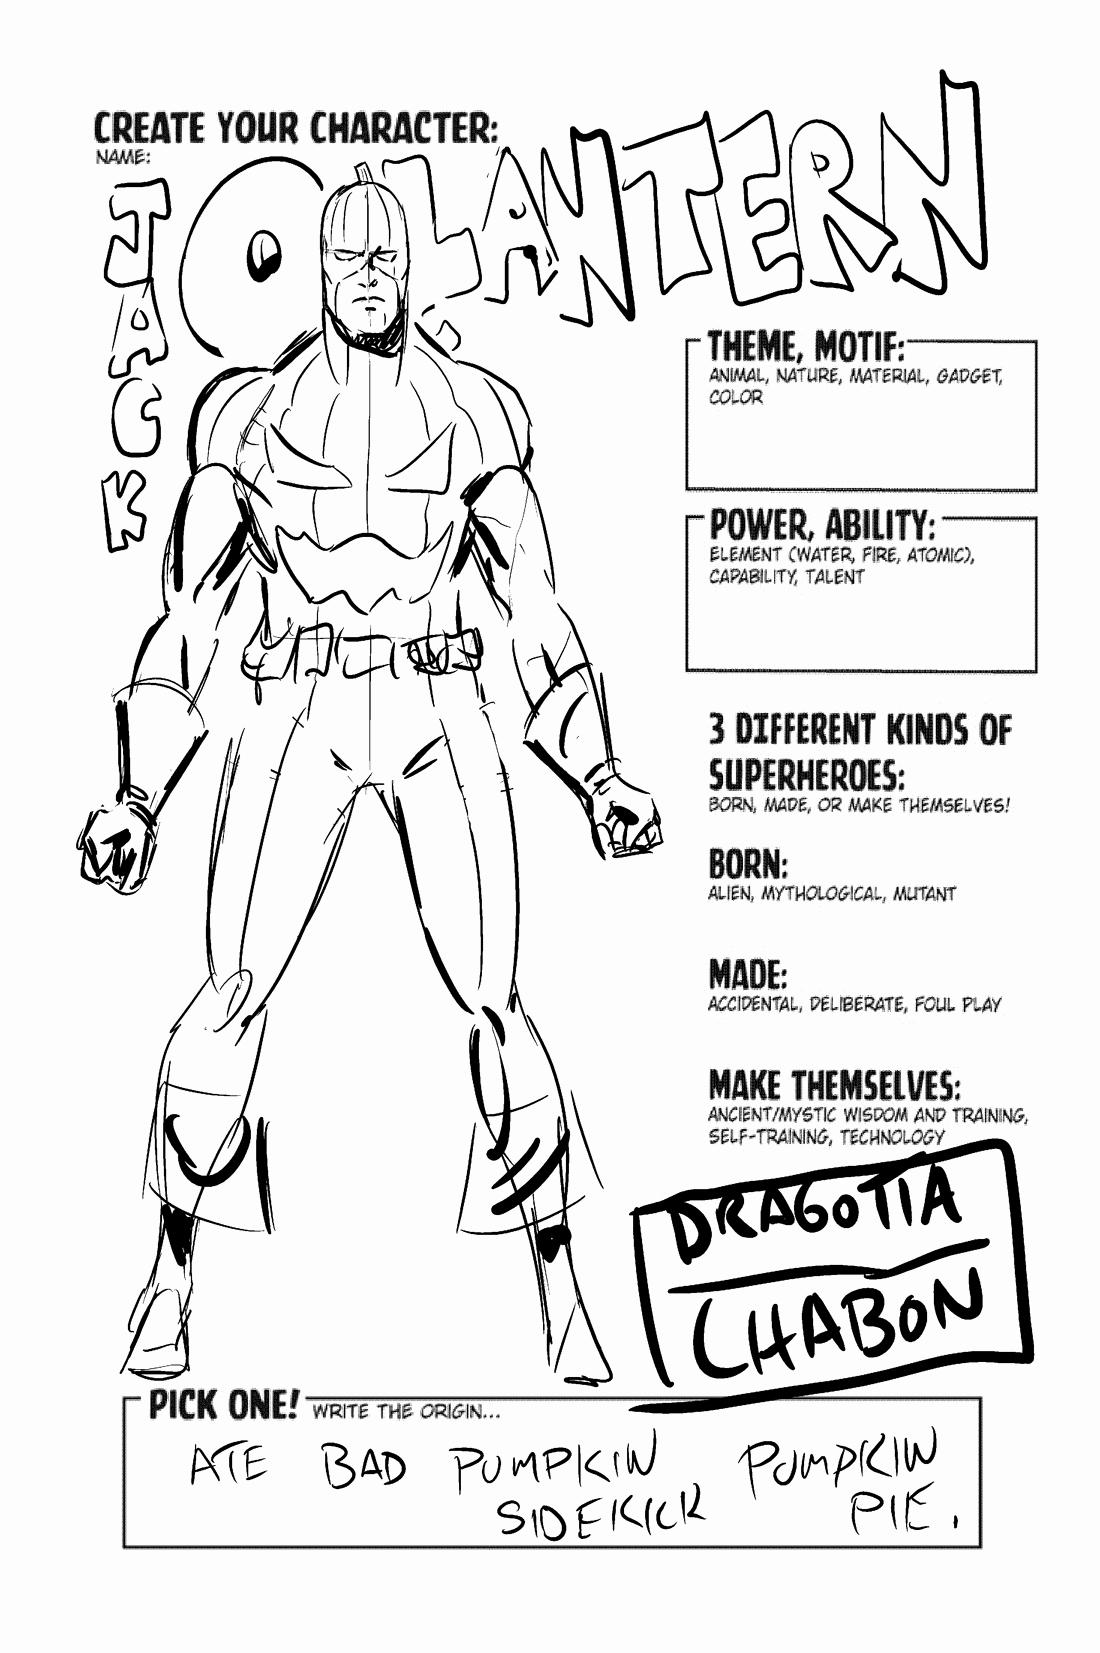 Design Your Own Superhero Worksheet Lovely 15 Best Of Create A Superhero Worksheet Super